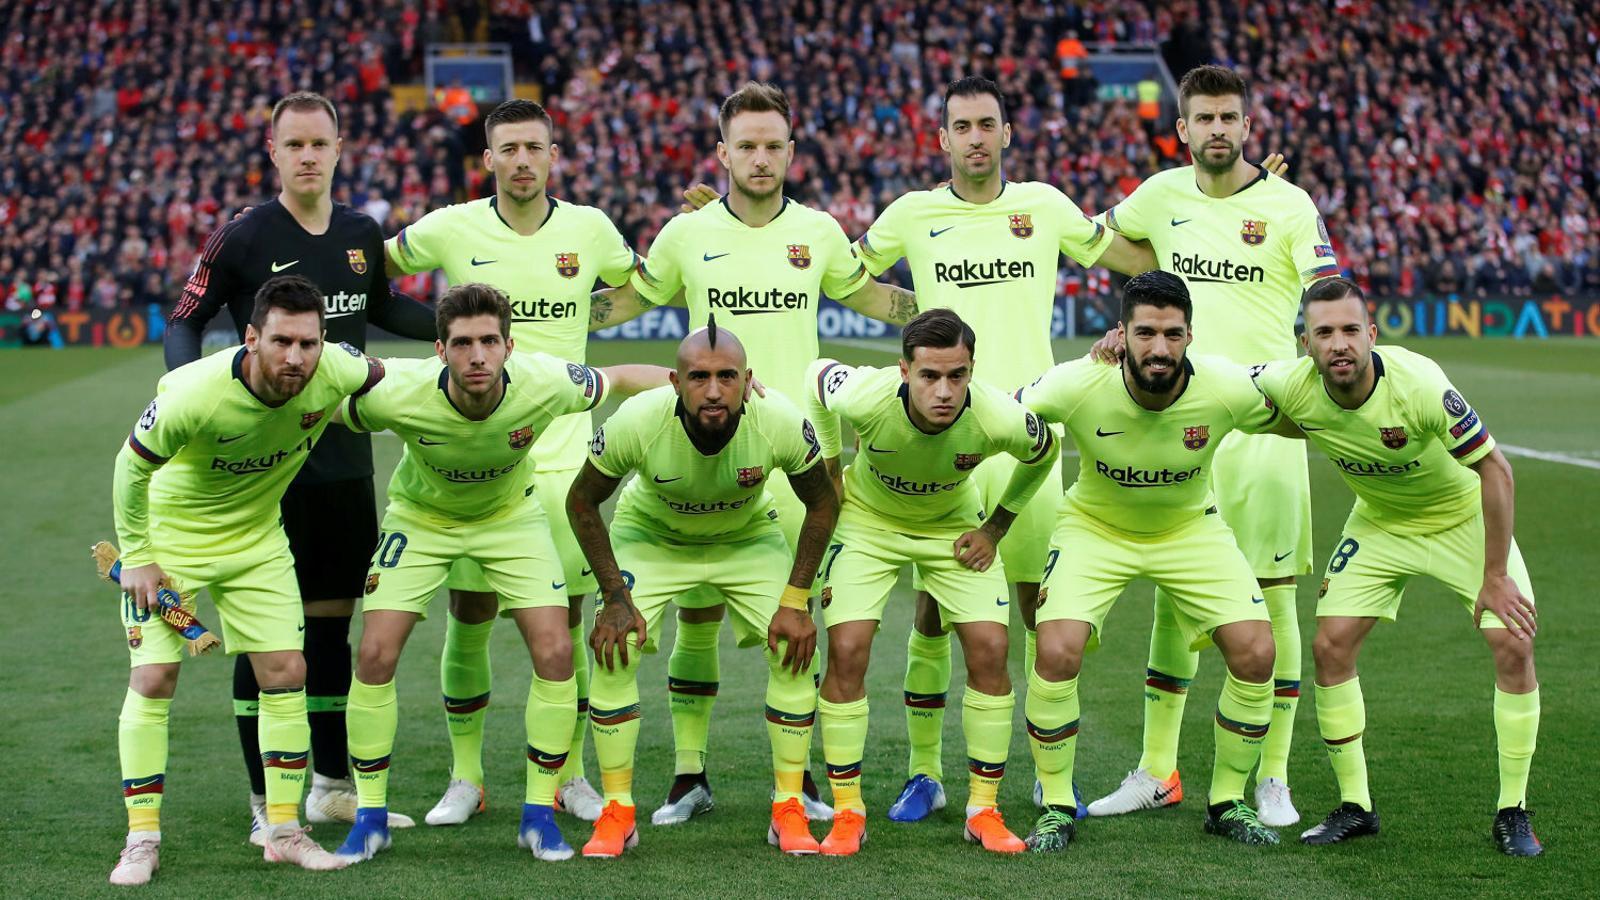 El proyecto deportivo del Barça, a debate